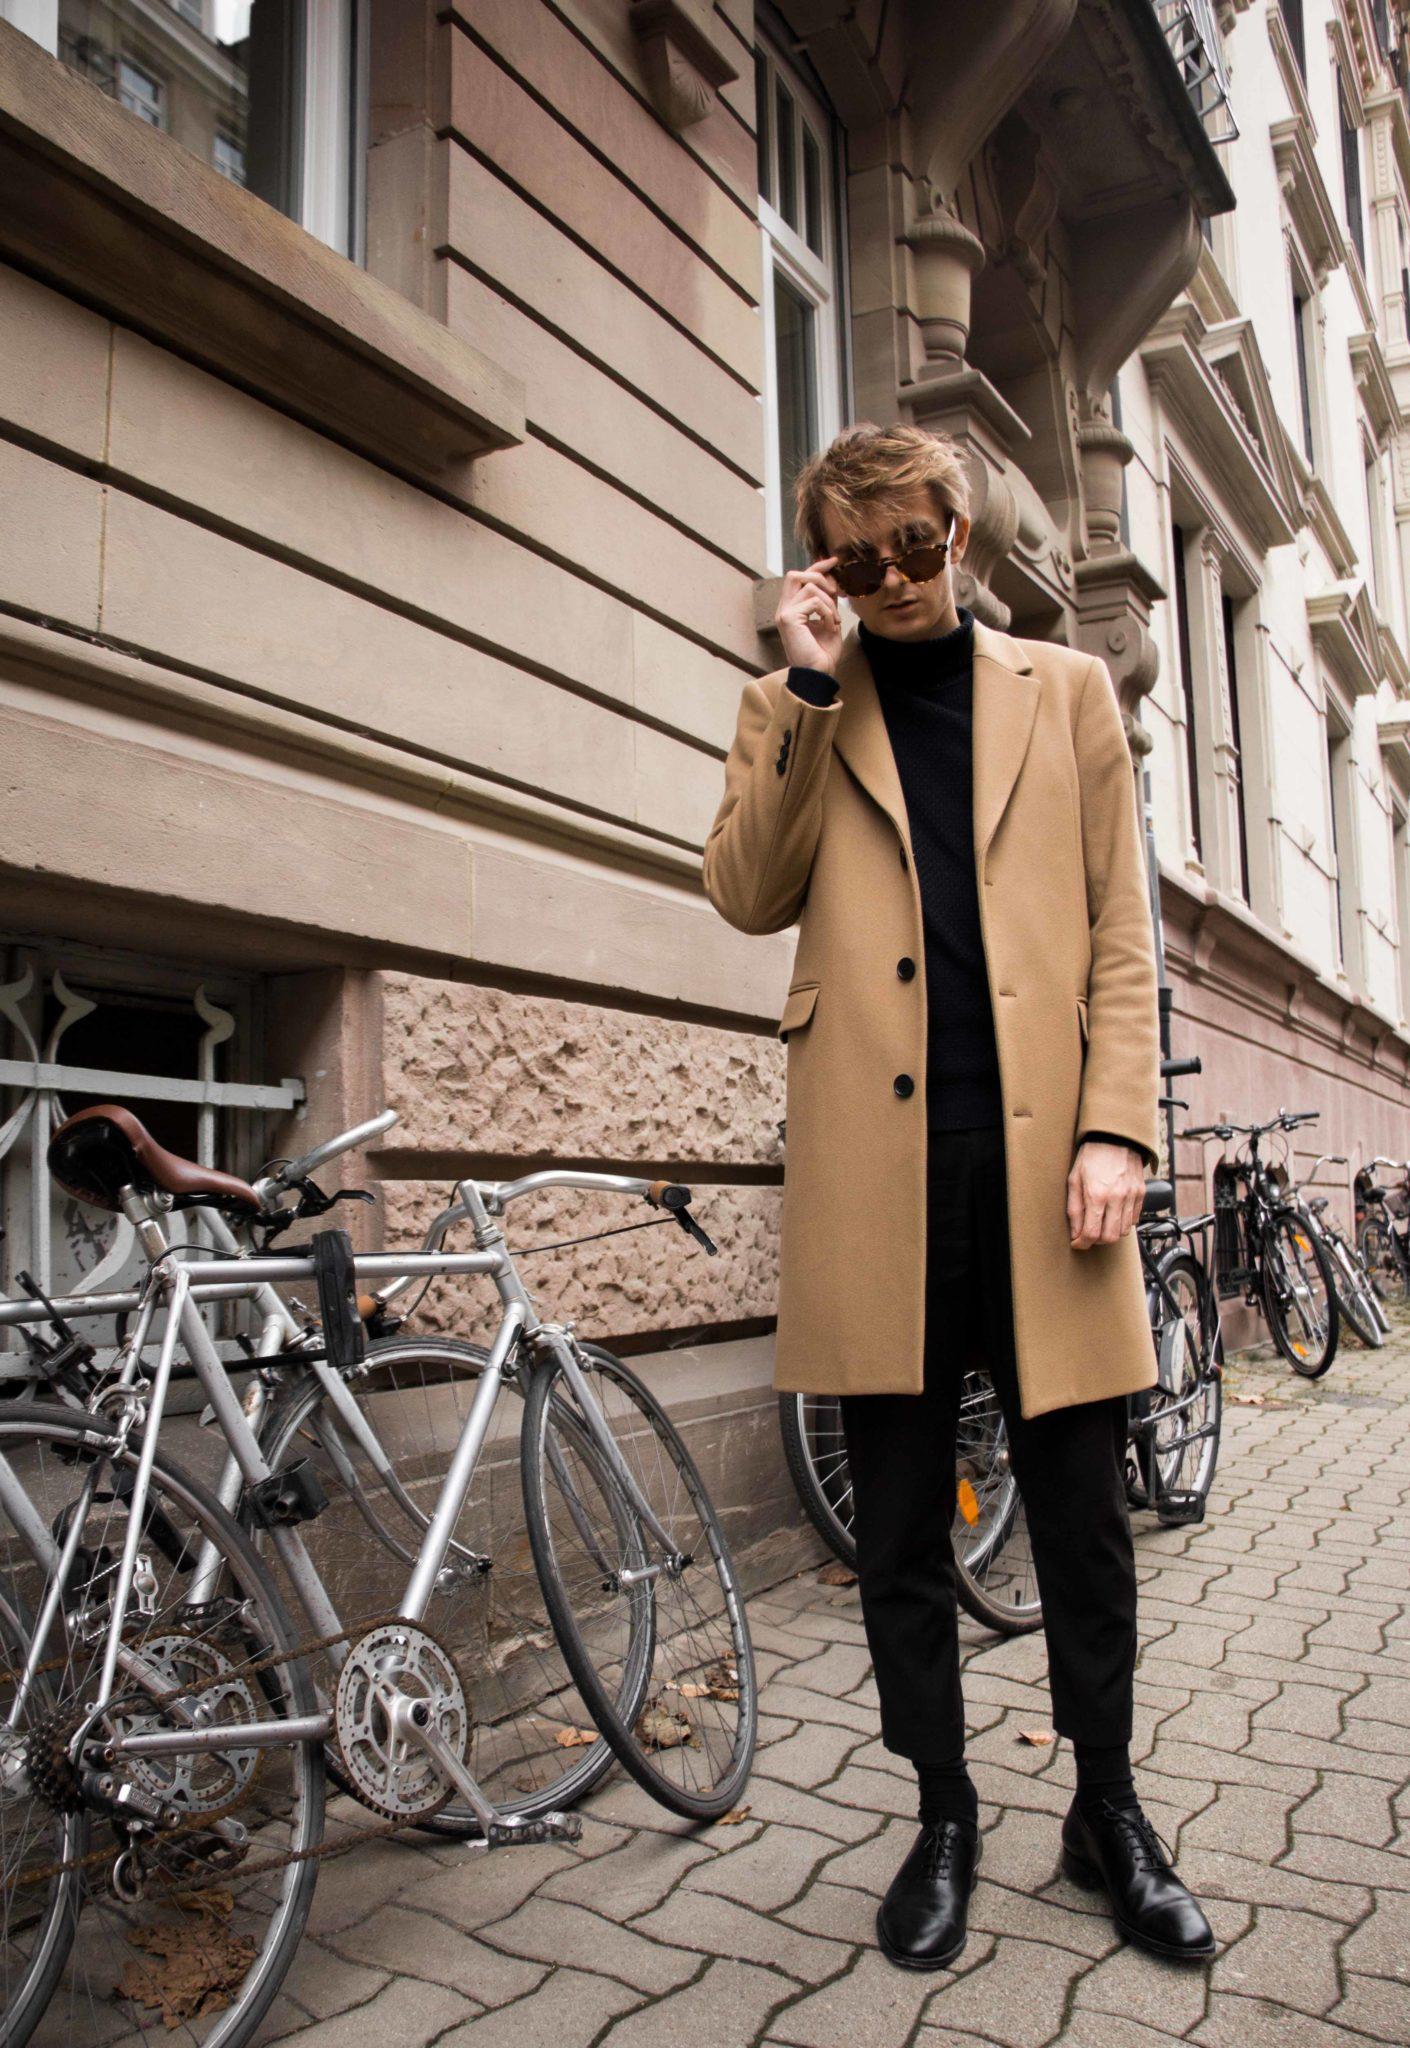 The Camel coat is a must have in your closet ! But how choose it, and wear it ? The answer is in my blog post ! // Le manteau camel est sans aucun doute un indispensable ! Mais comment le choisir et le porter ? La réponse dans cet article sur mon blog.